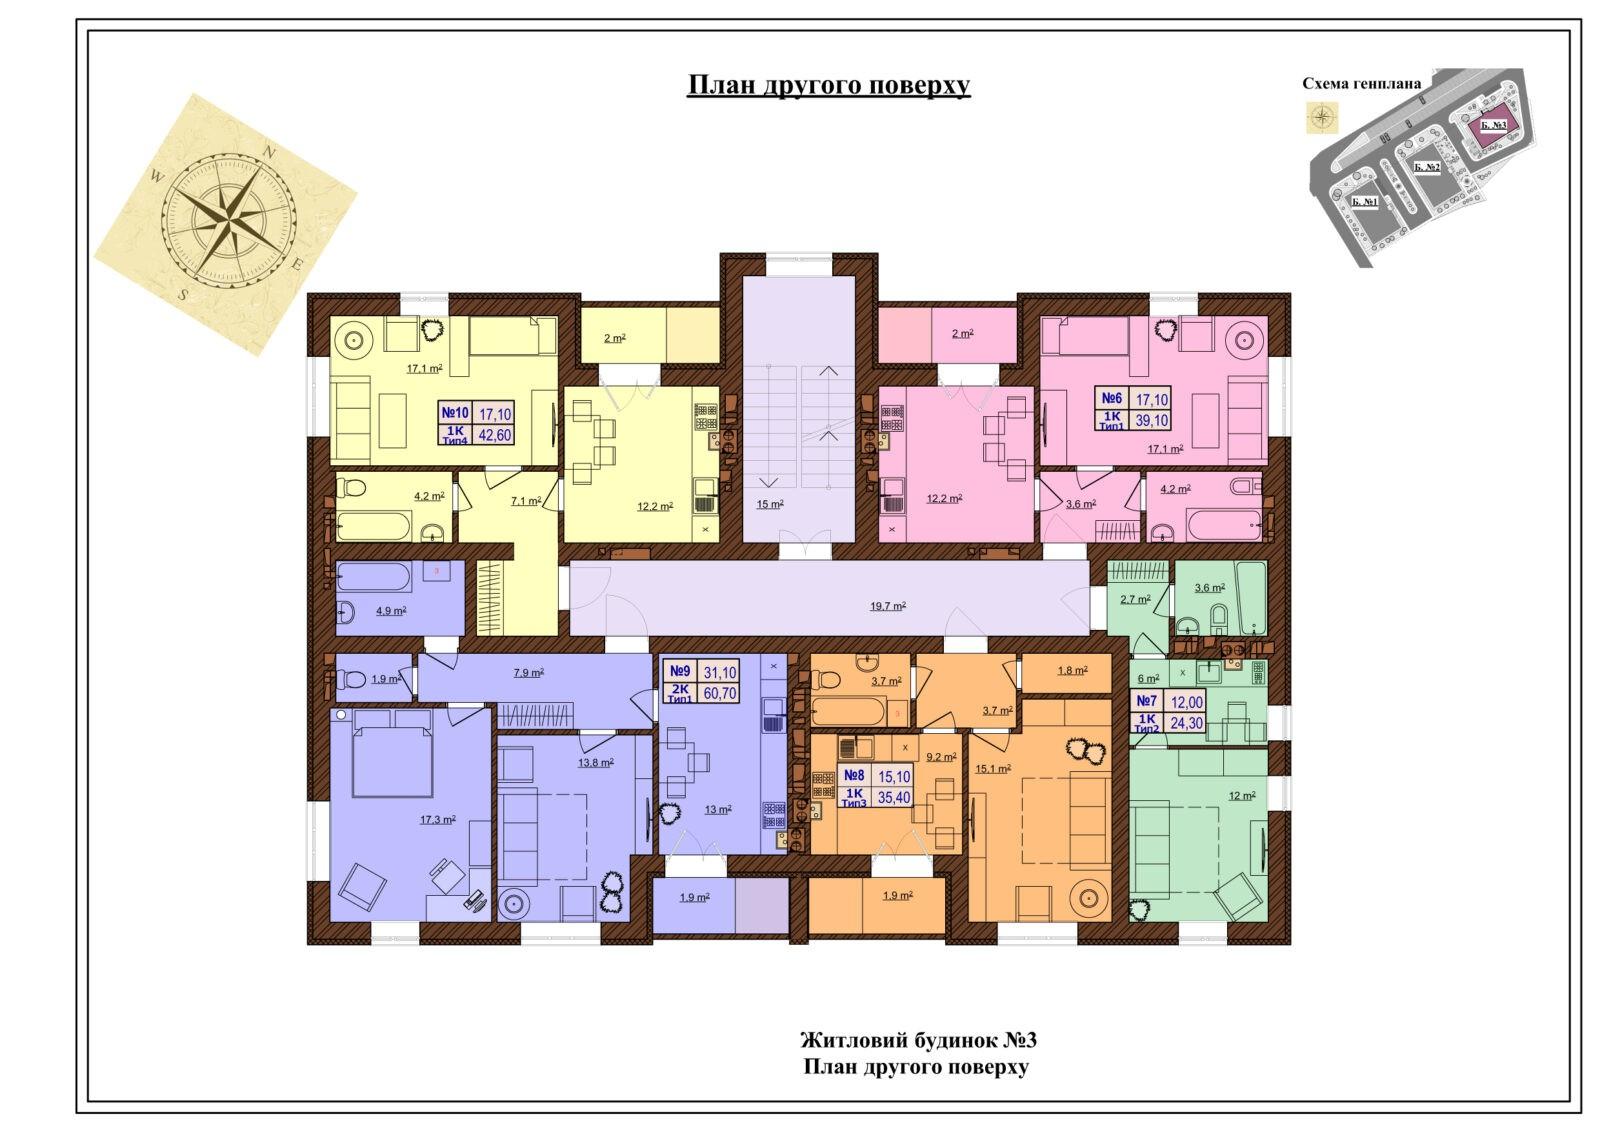 Будинок 3 поверховий план